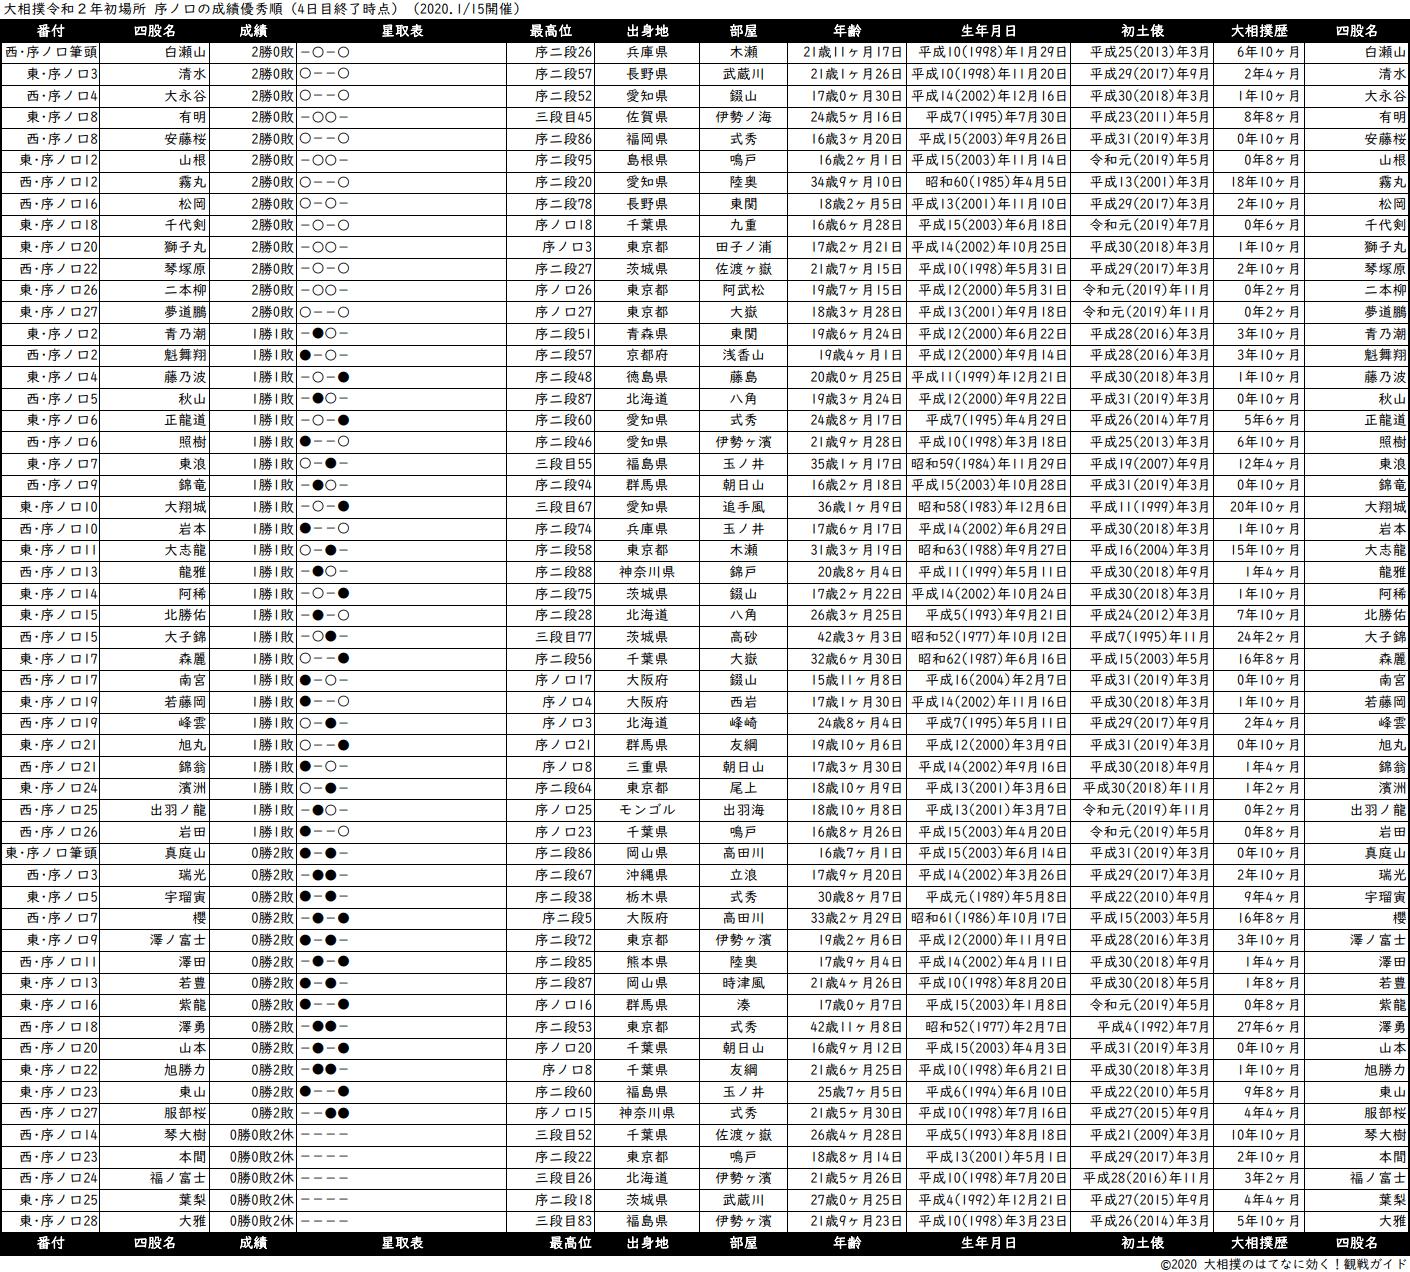 序ノ口成績順一覧表・2020年1月場所4日目